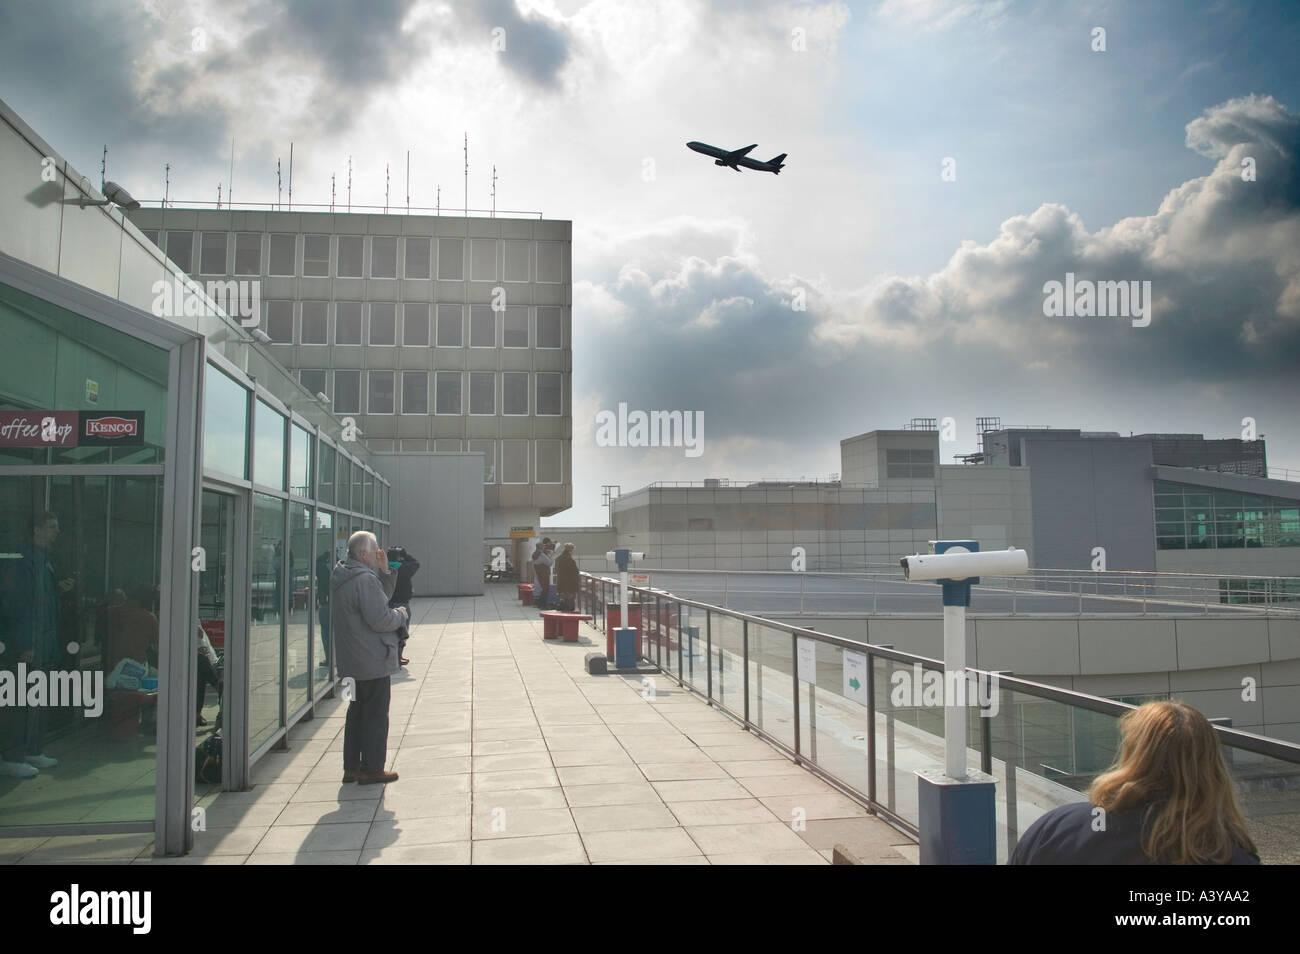 UK London Gatwick airport - Stock Image